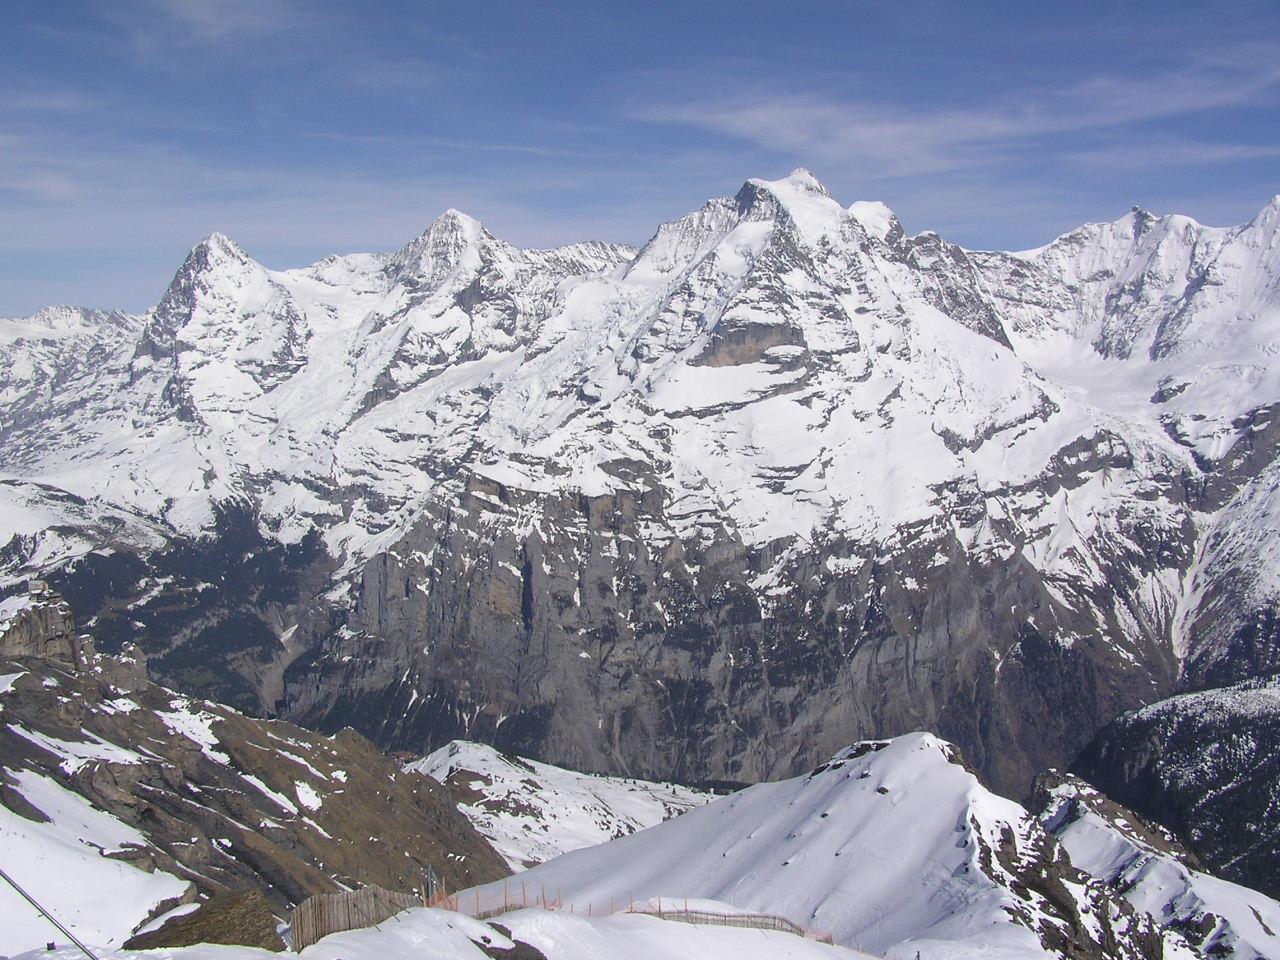 http://4.bp.blogspot.com/-KWP3-xyV-3I/T35LAyO8D_I/AAAAAAAAB-A/atsJFnP4iWM/s1600/Swiss+Alps+Mountain.JPG